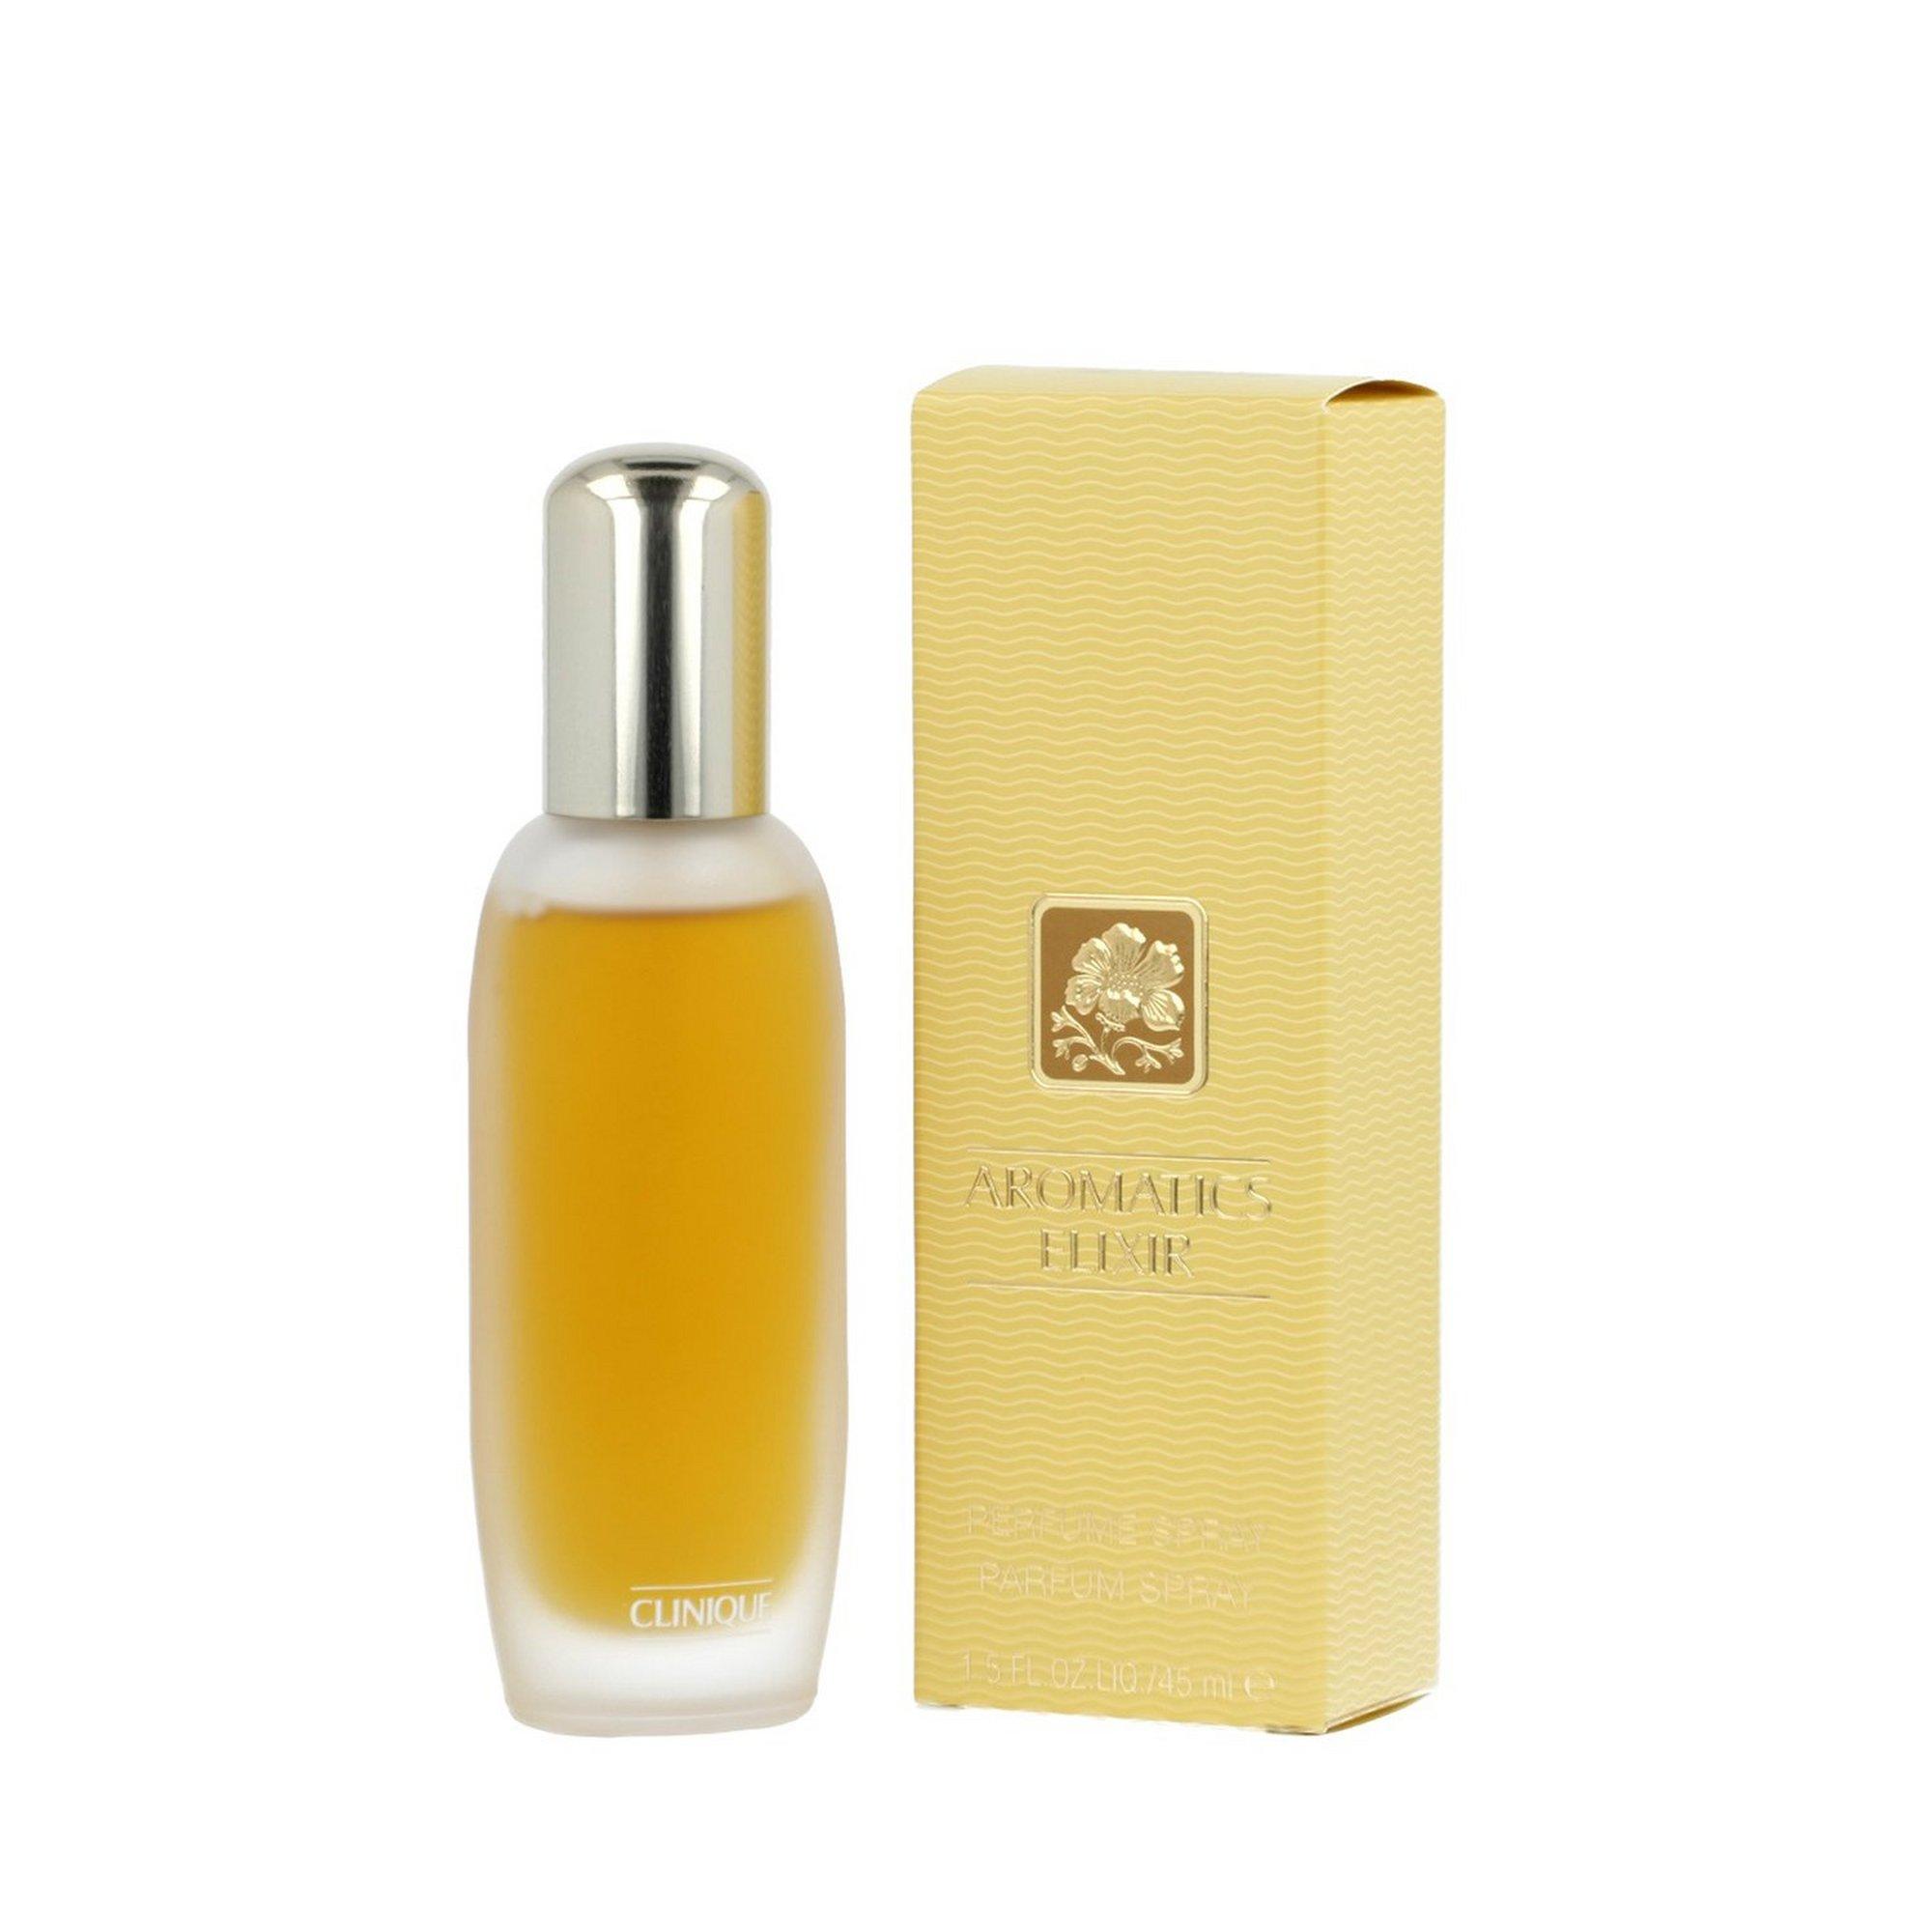 Image of Clinique Aromatics Elixir 45ml EDP